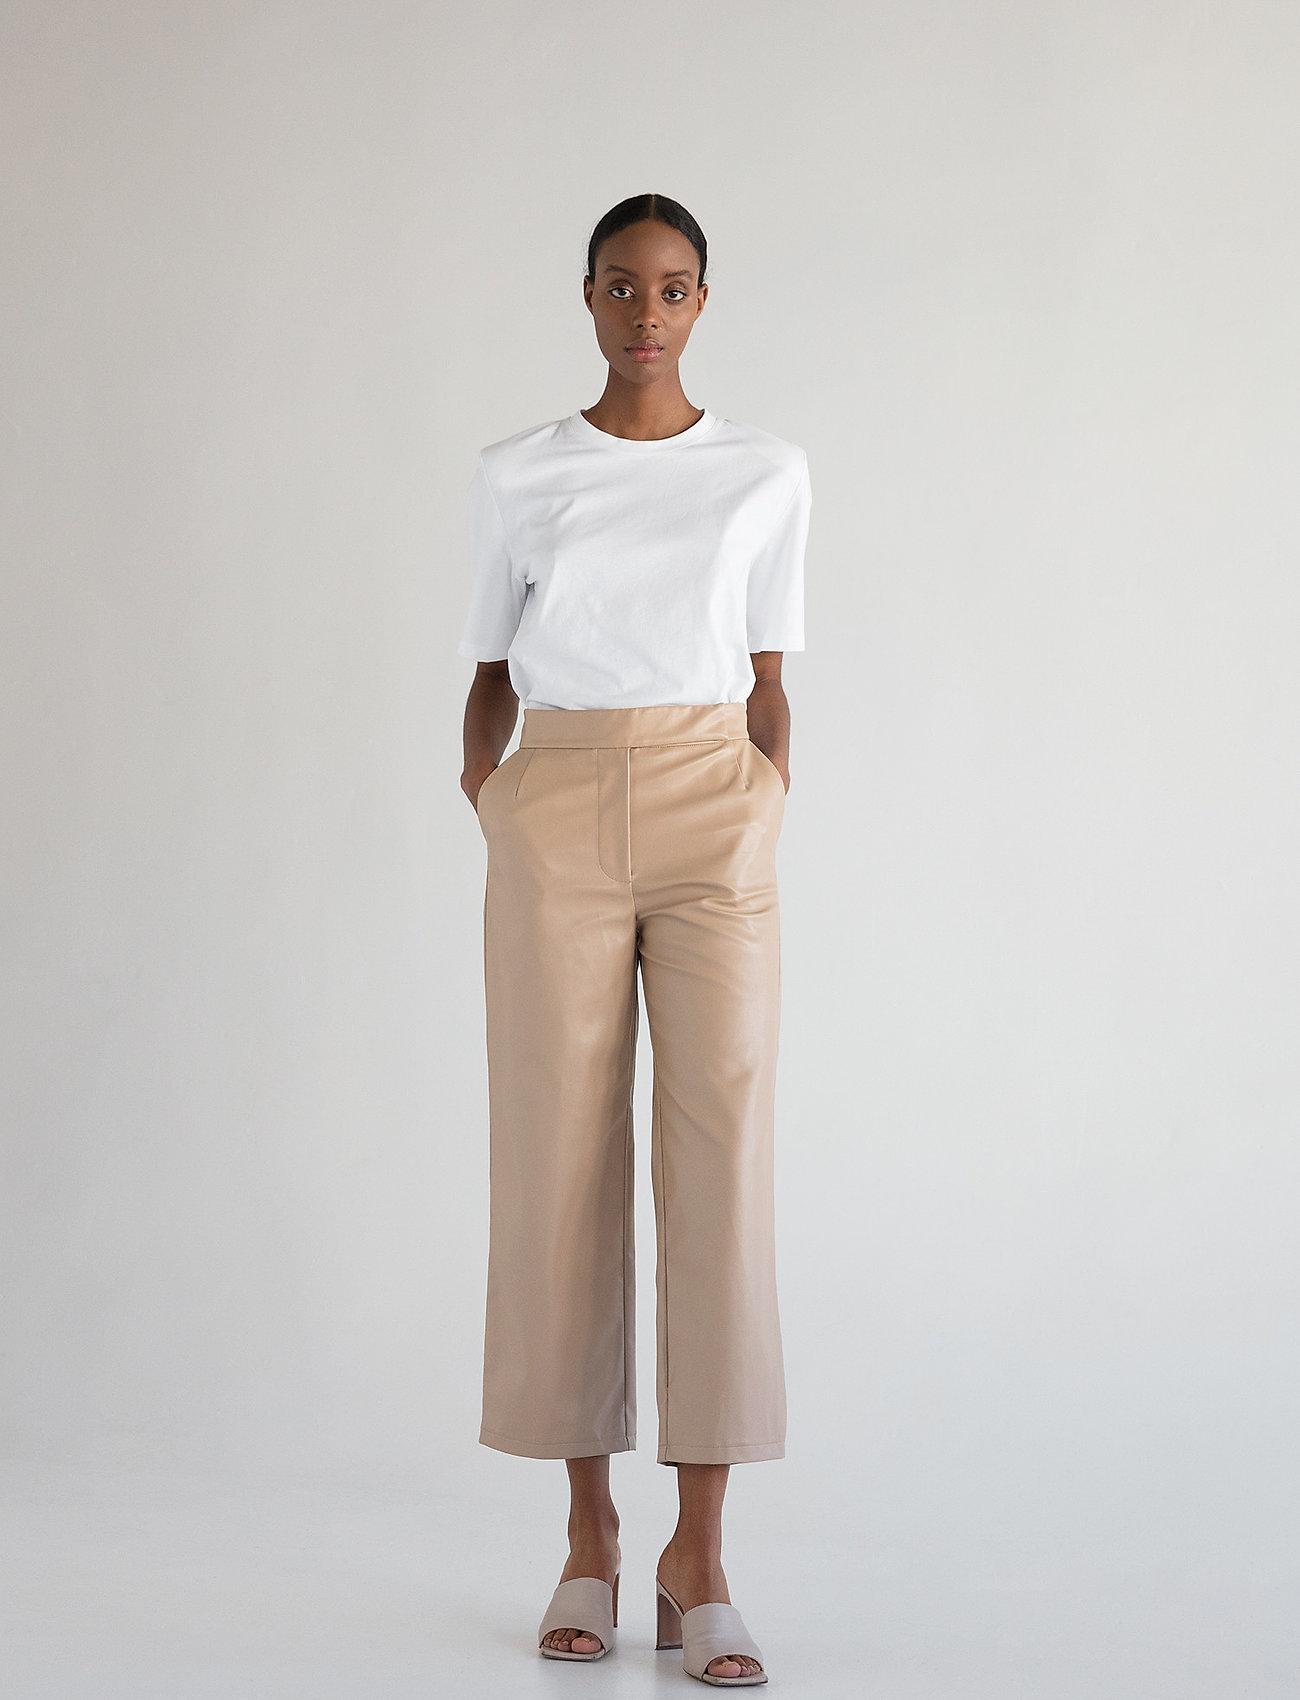 Stylein - VIVIEN TROUSERS - læderbukser - beige - 0